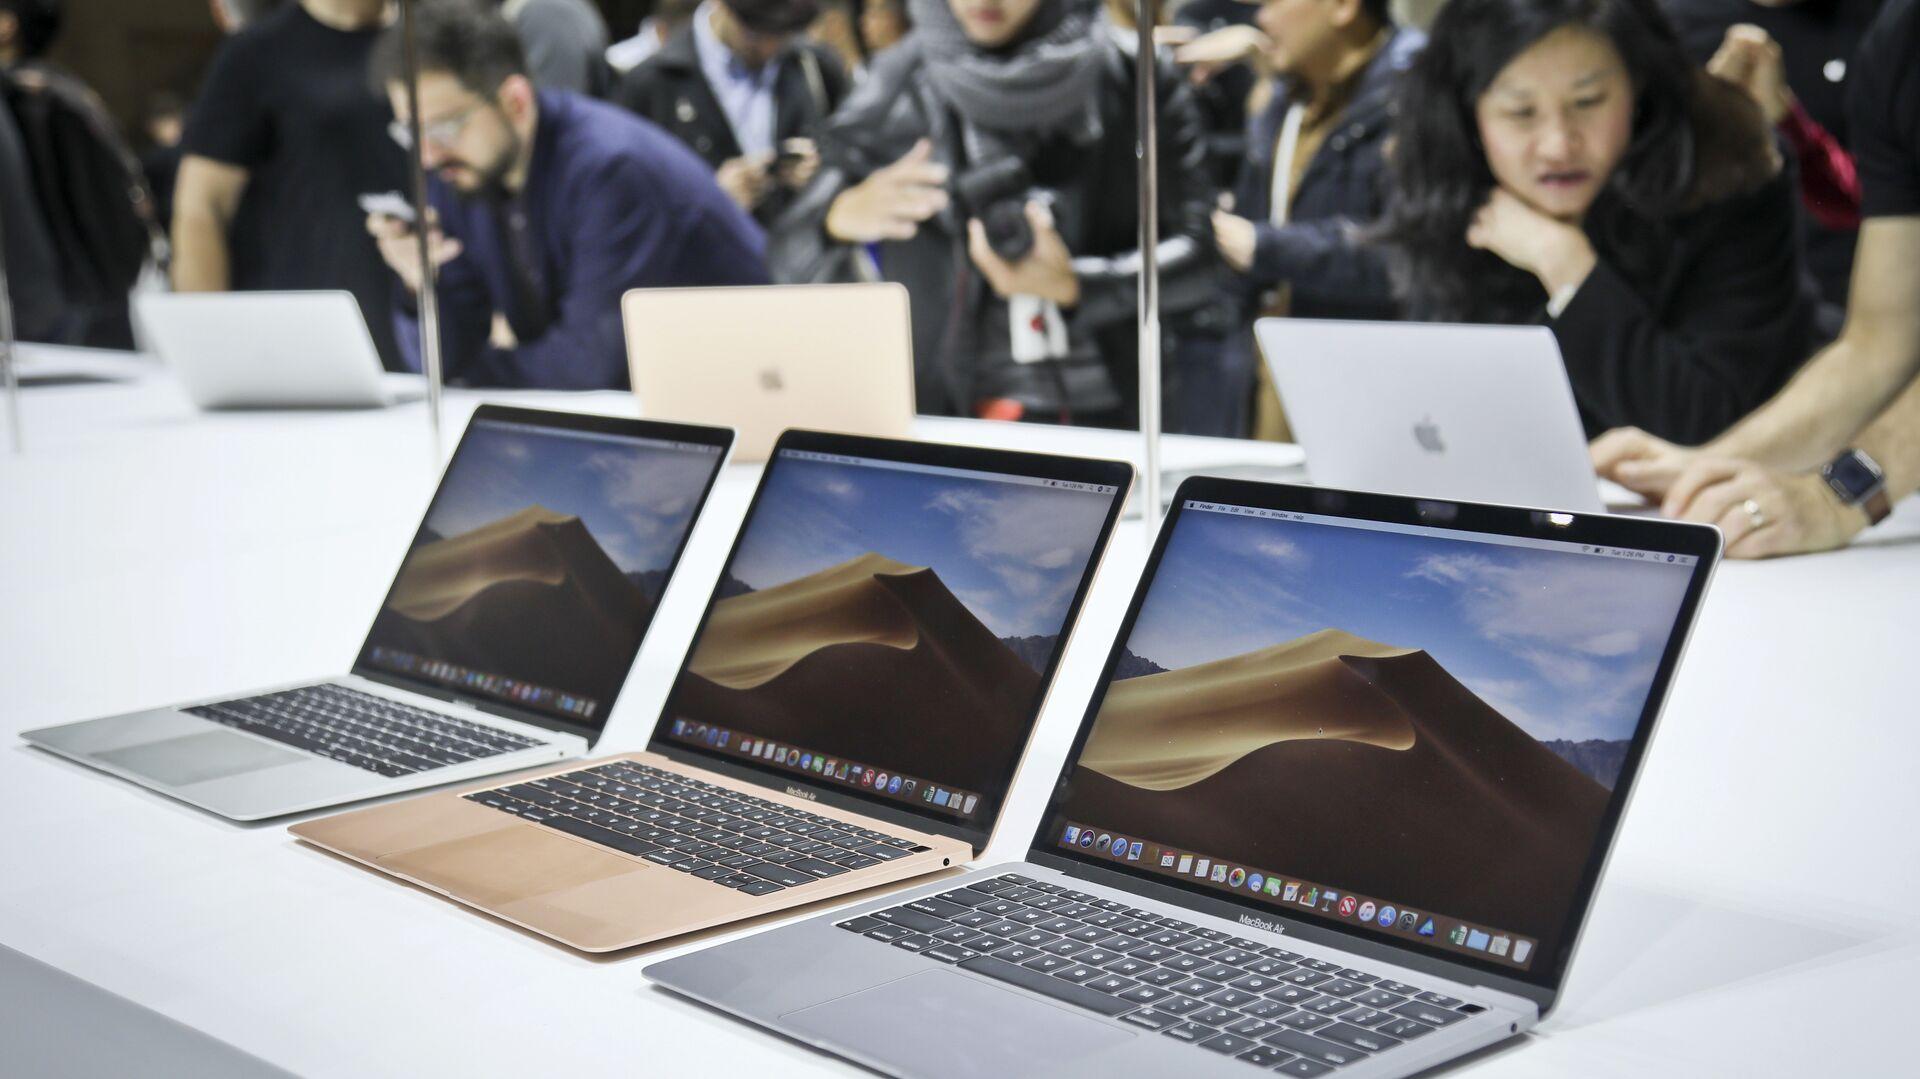 Новые ноутбуки MacBook Air компании Apple. 30 октября 2018 года - РИА Новости, 1920, 25.02.2021